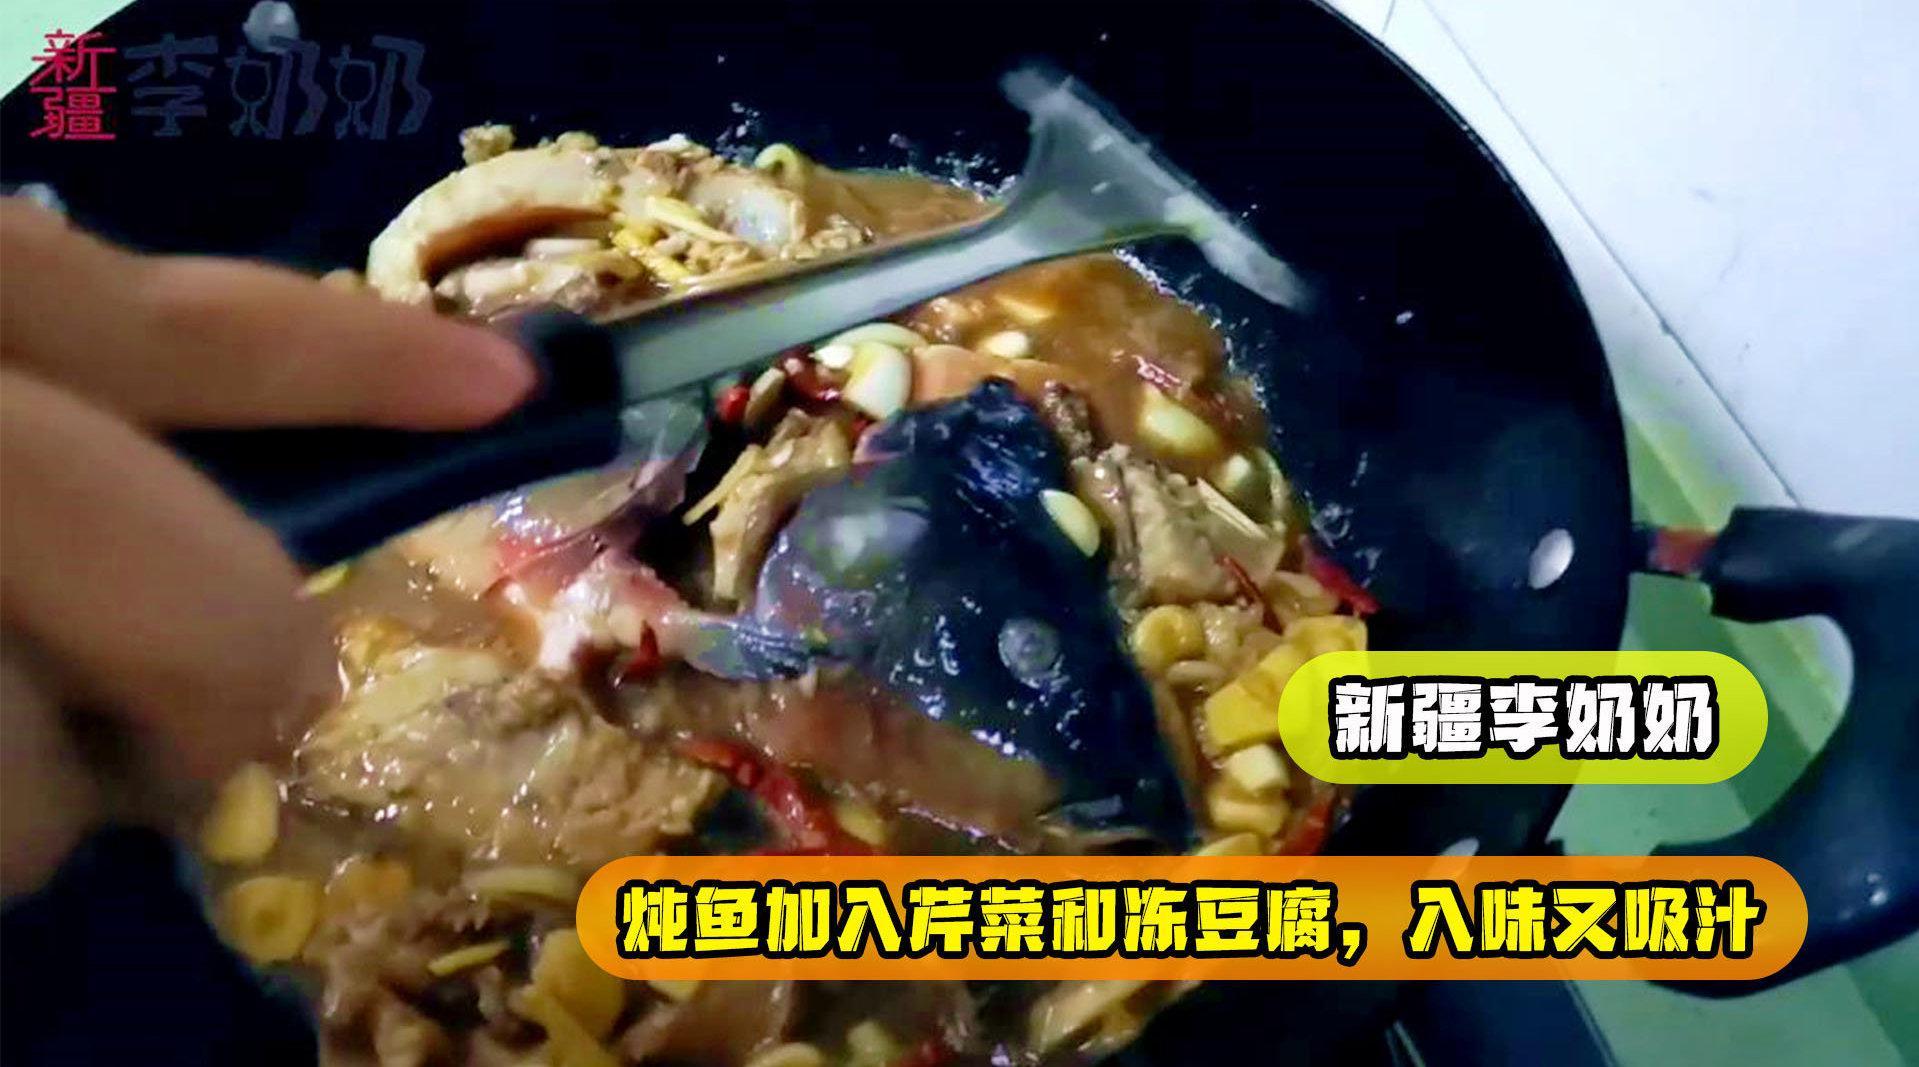 新疆李奶奶的儿子炖鲤鱼,加入芹菜和冻豆腐……